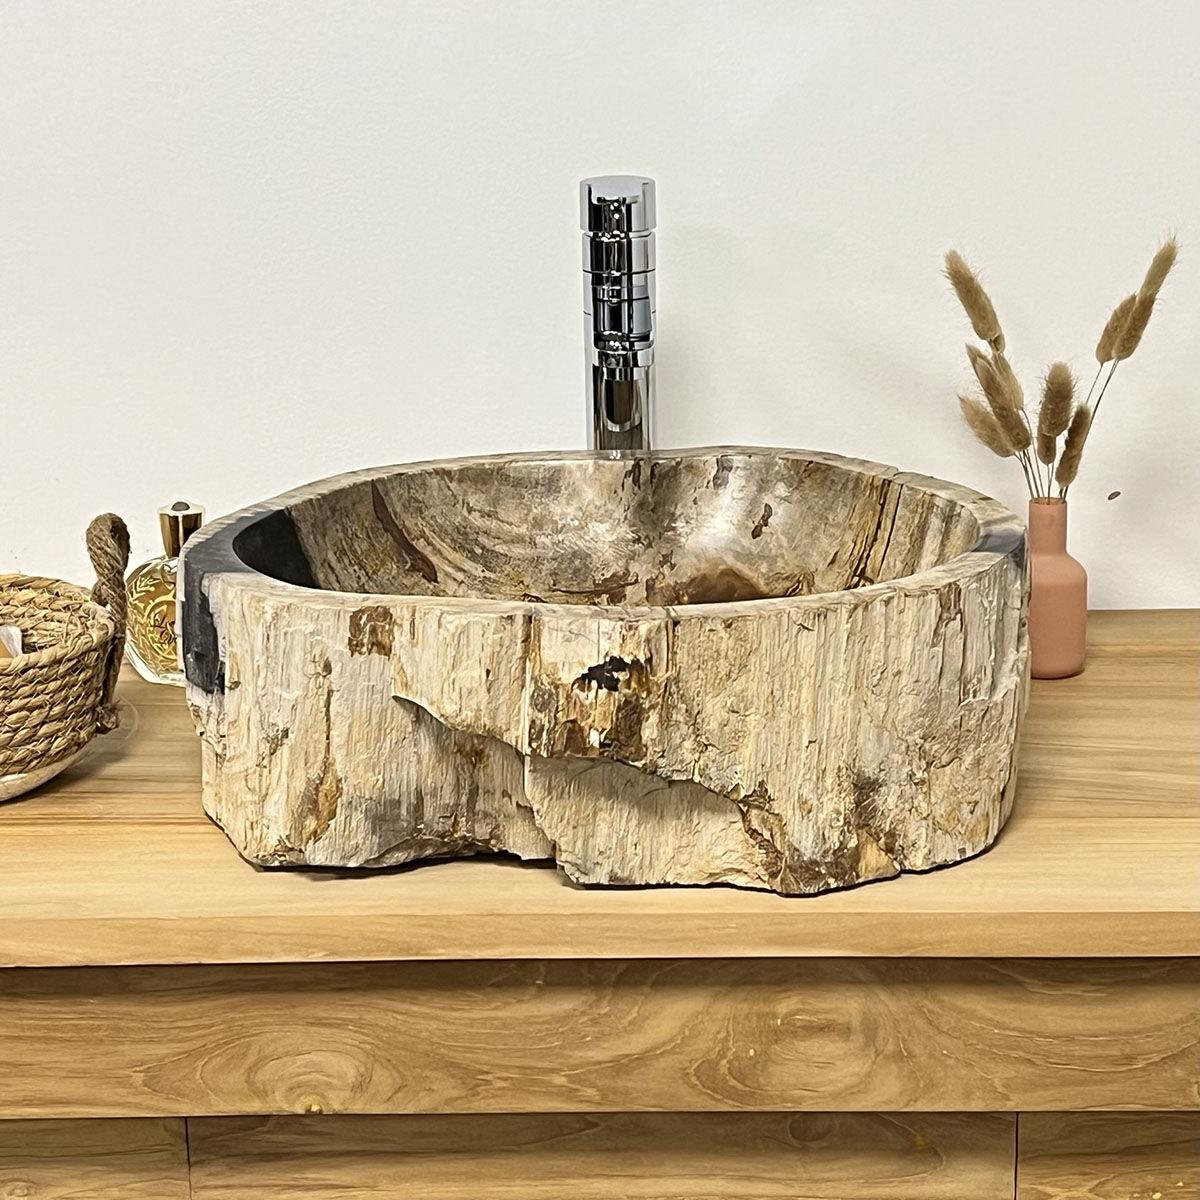 Wanda Collection Vasque de salle de bain en pierre bois pétrifié fossilisé 40 cm